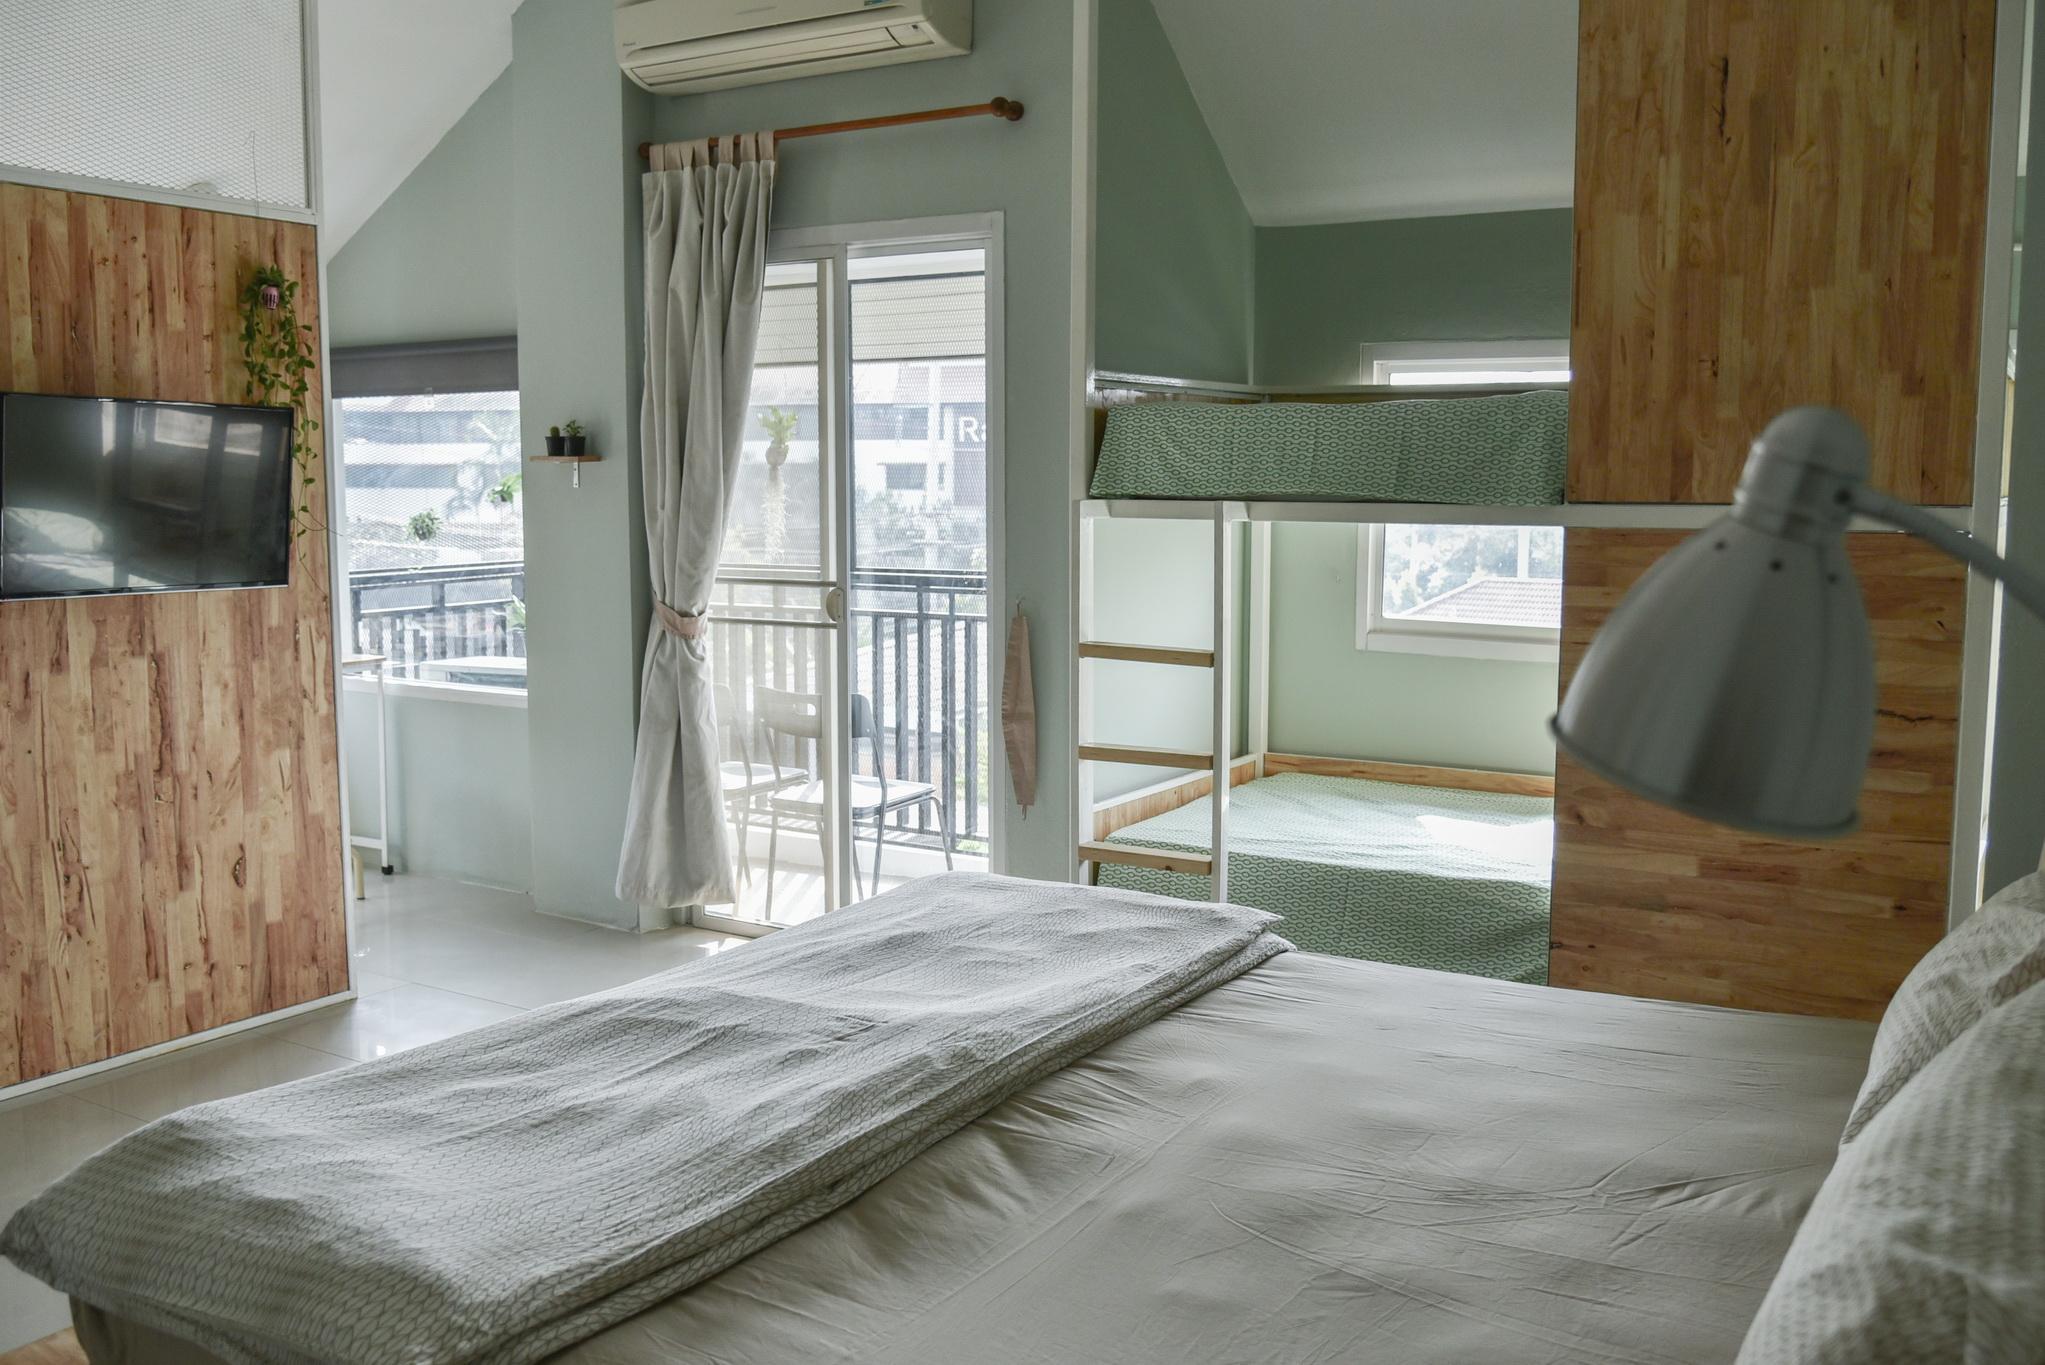 รีวิวใน Pantip เดอะ ลีฟ เซอร์วิซ อพาร์ตเมนต์ (The Leaf Service Apartment)